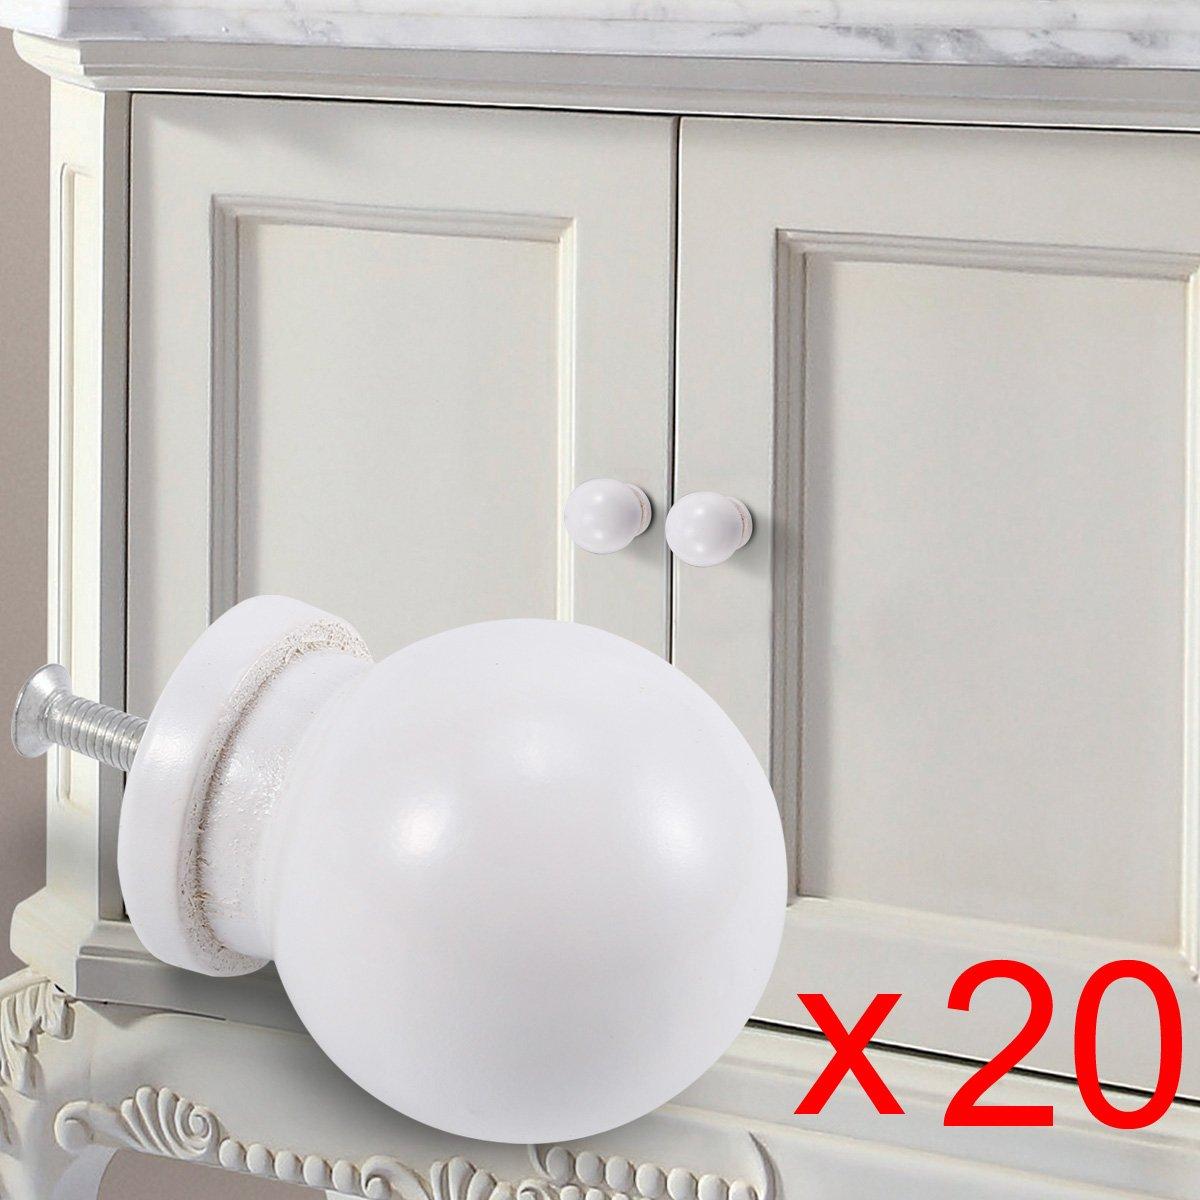 ball 20/St/ück Holz T/ür Pull Schublade Knopf Schrank Griff Schrank M/öbel White